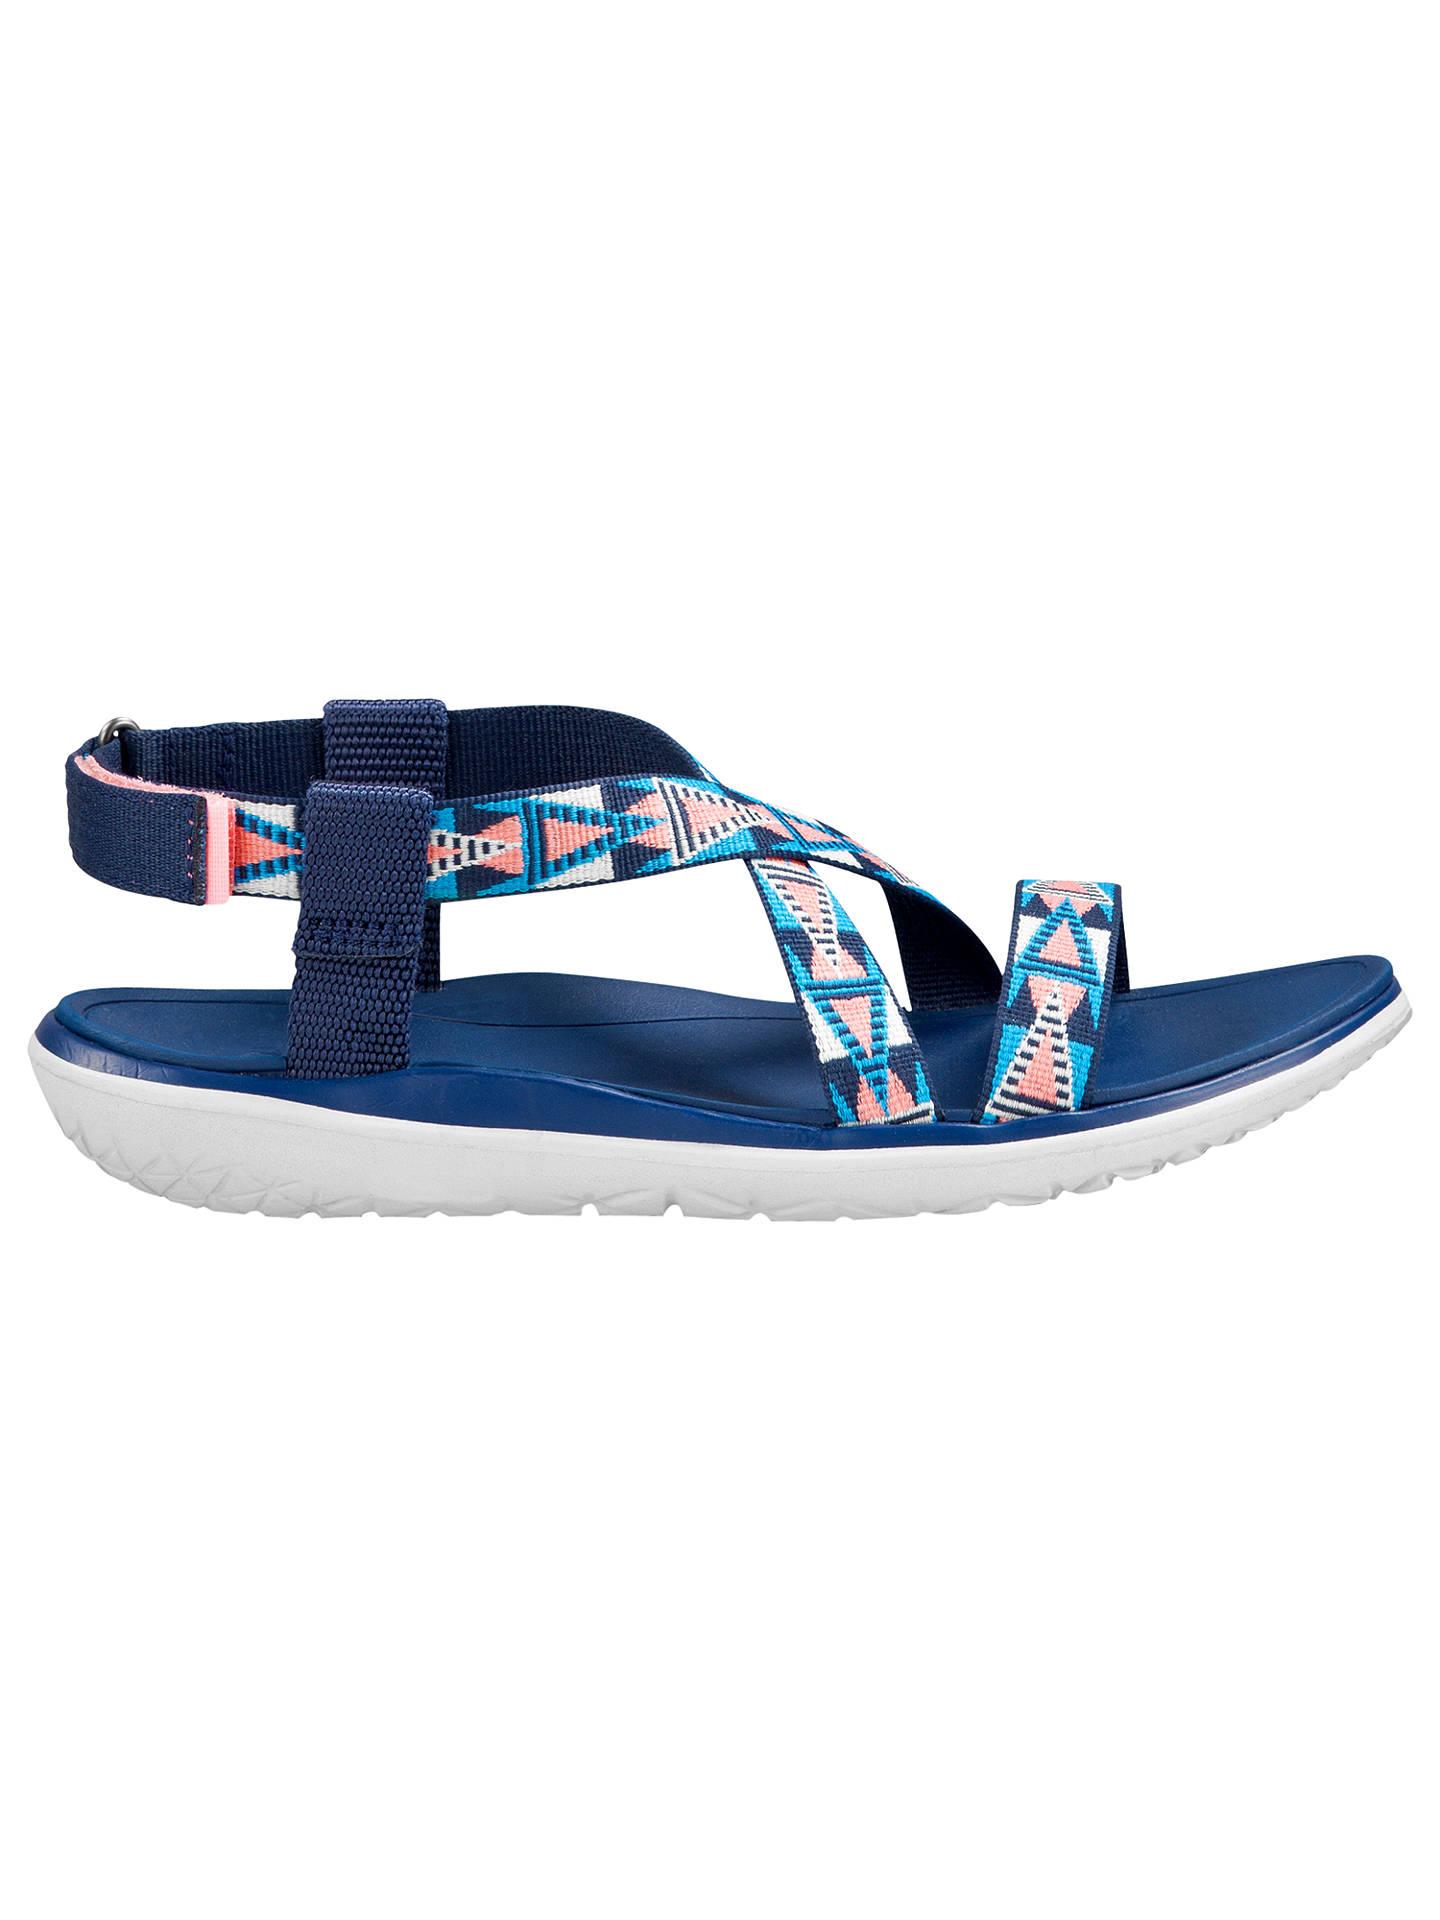 d9f14e408239 Buy Teva Terra Float Livia Sandals